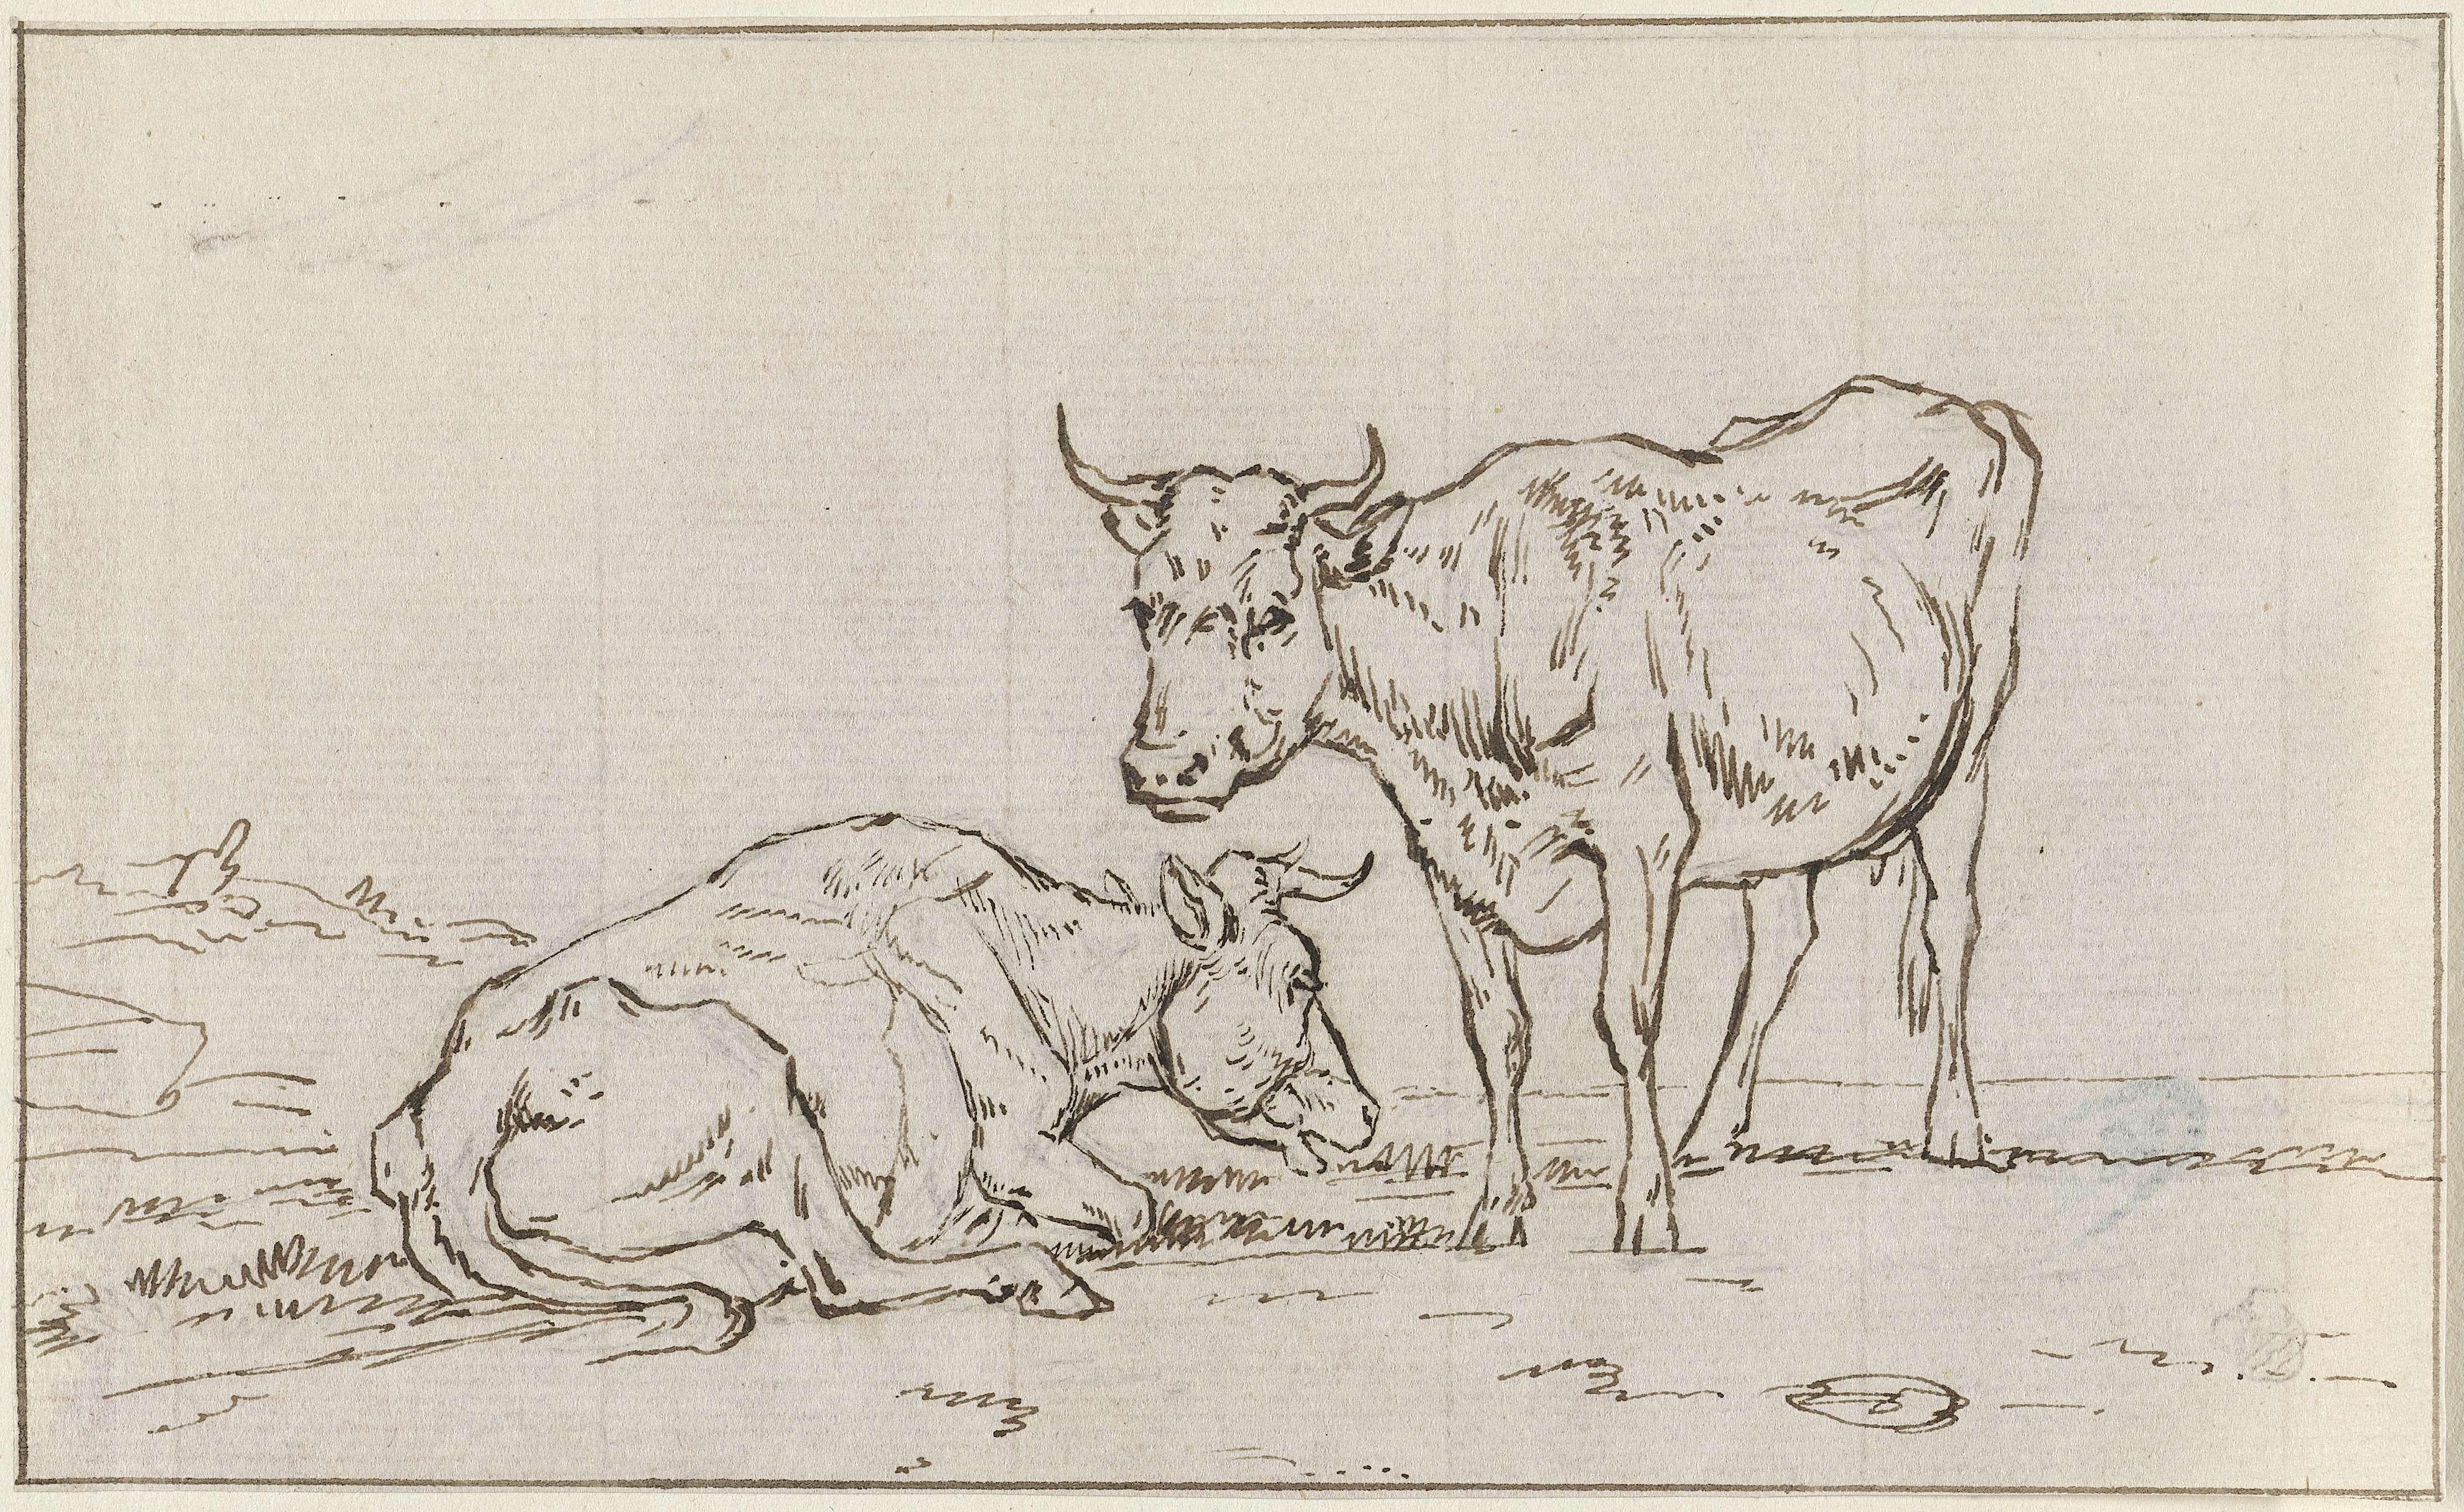 Jan Kobell (II) | Koeien in een landschap, Jan Kobell (II), 1788 - 1814 | Een liggende en een staande koe bij een vervallen hek. Op de achtergrond staat een derde koe te grazen en zijn de contouren van een kerktoren te zien